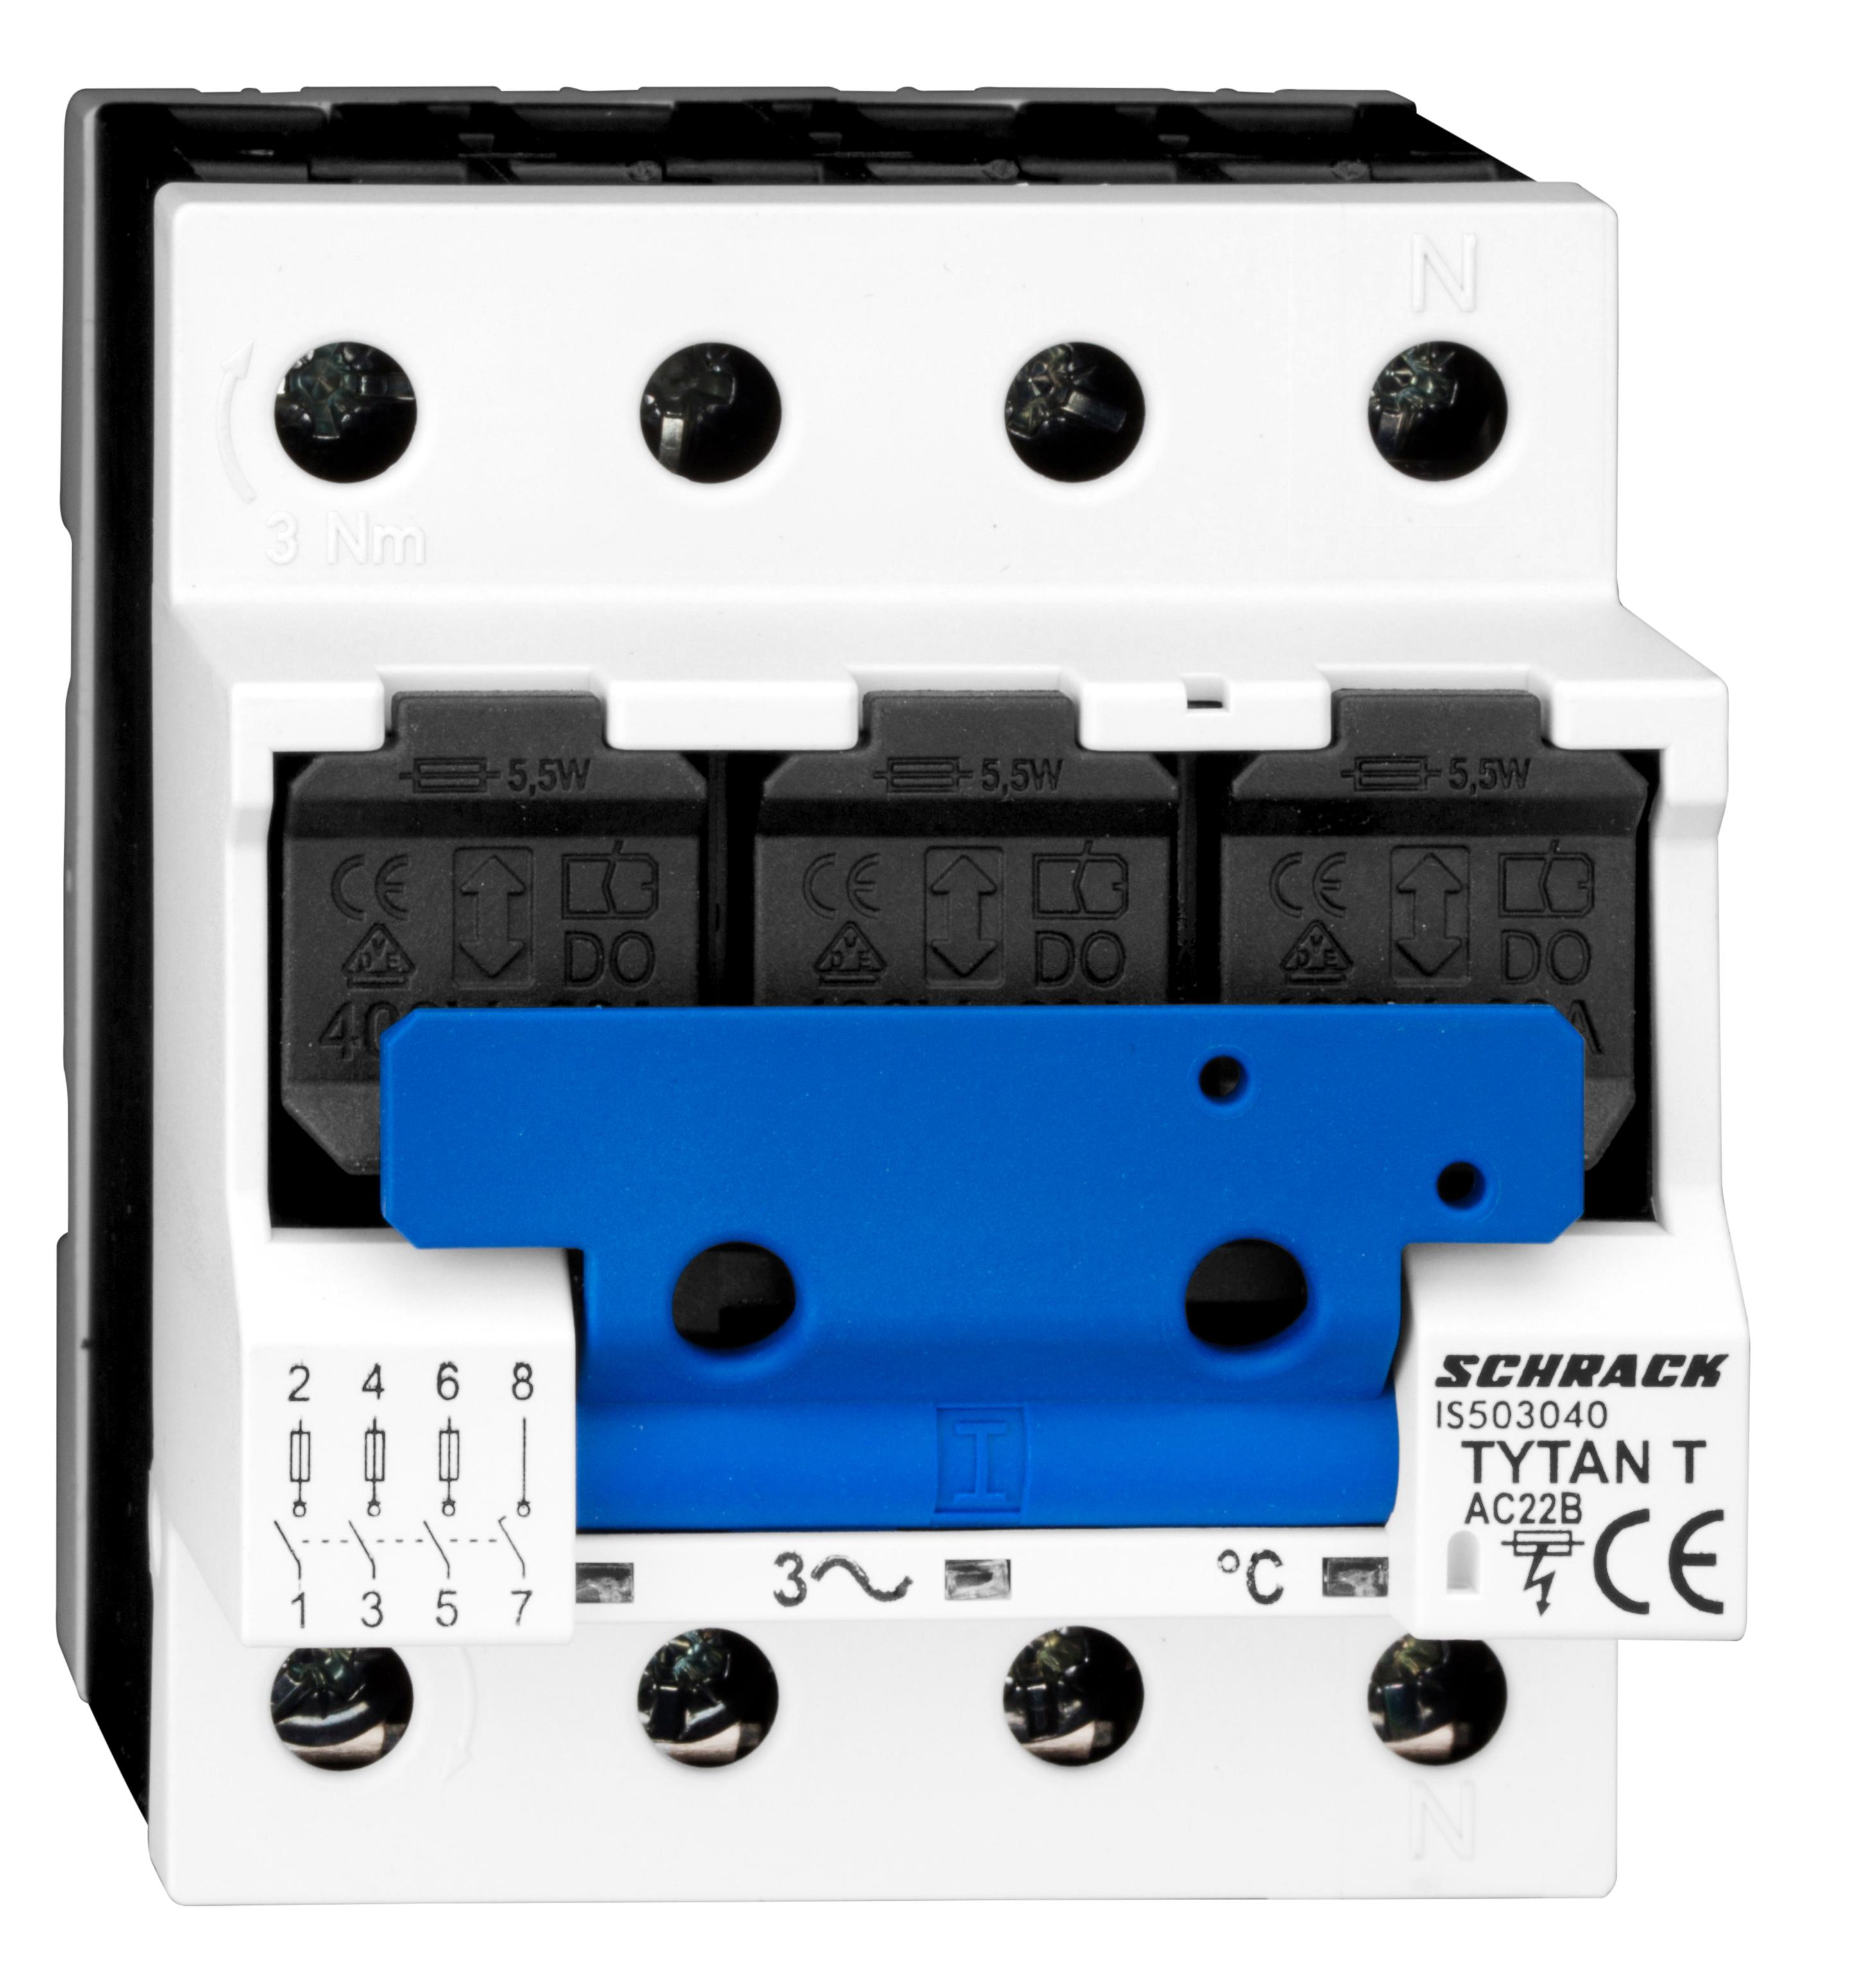 1 Stk TYTAN T, D02-Sicherungslasttrenschalter, 63A, 3-polig + N IS503040--